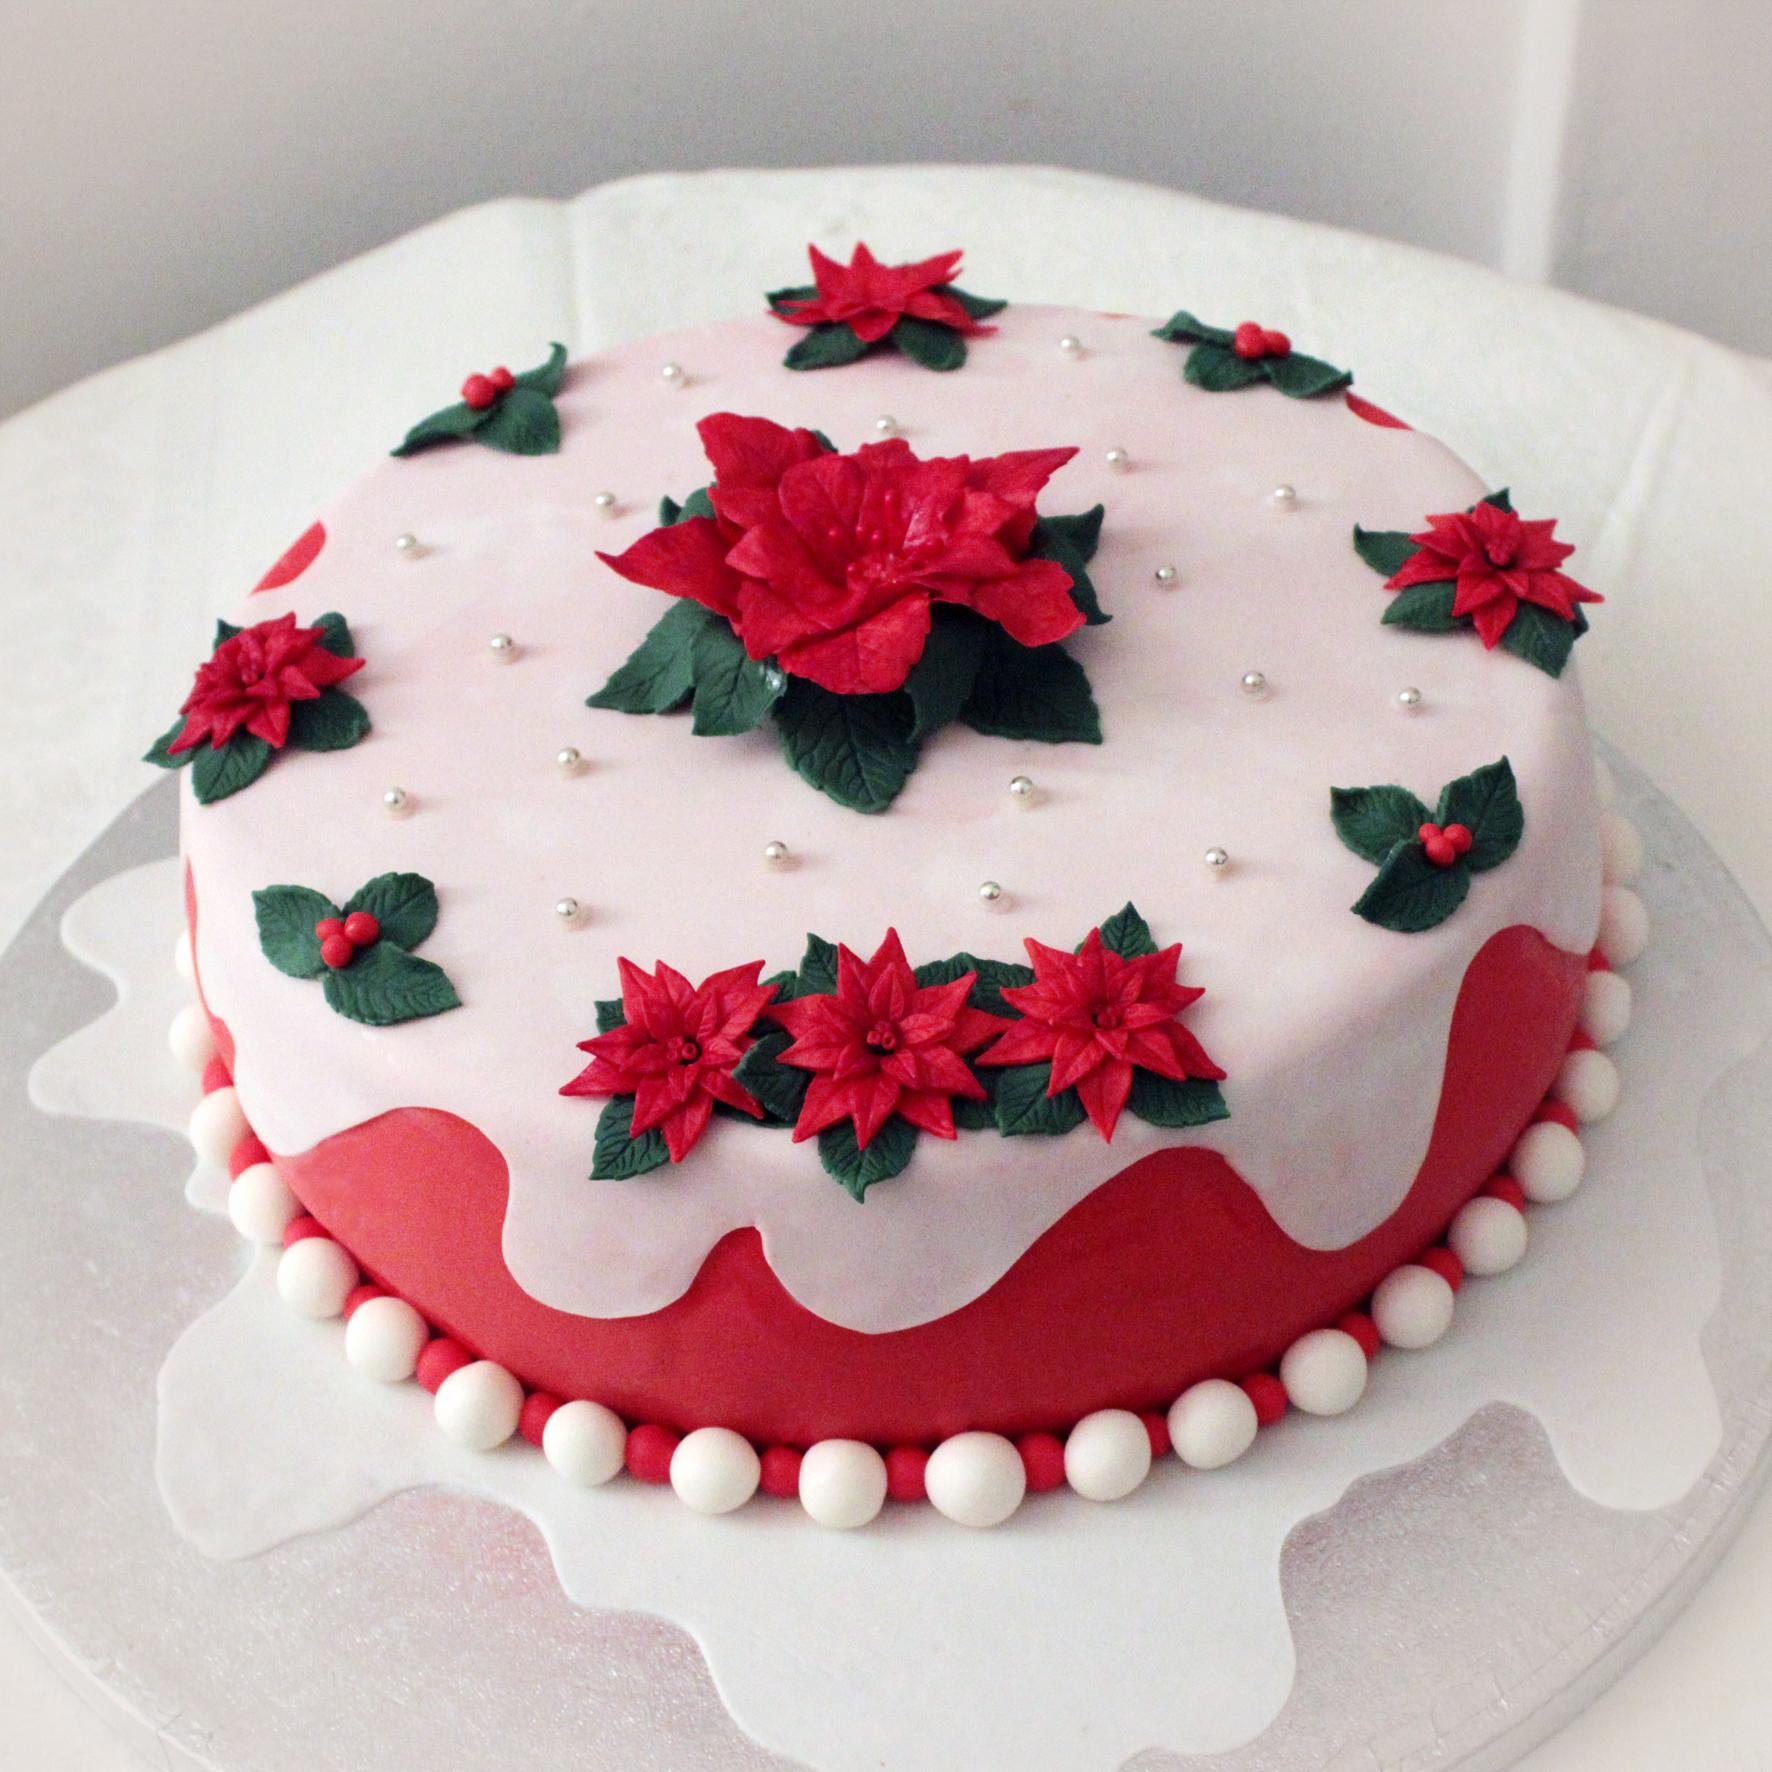 Simple Cake Design Ideas